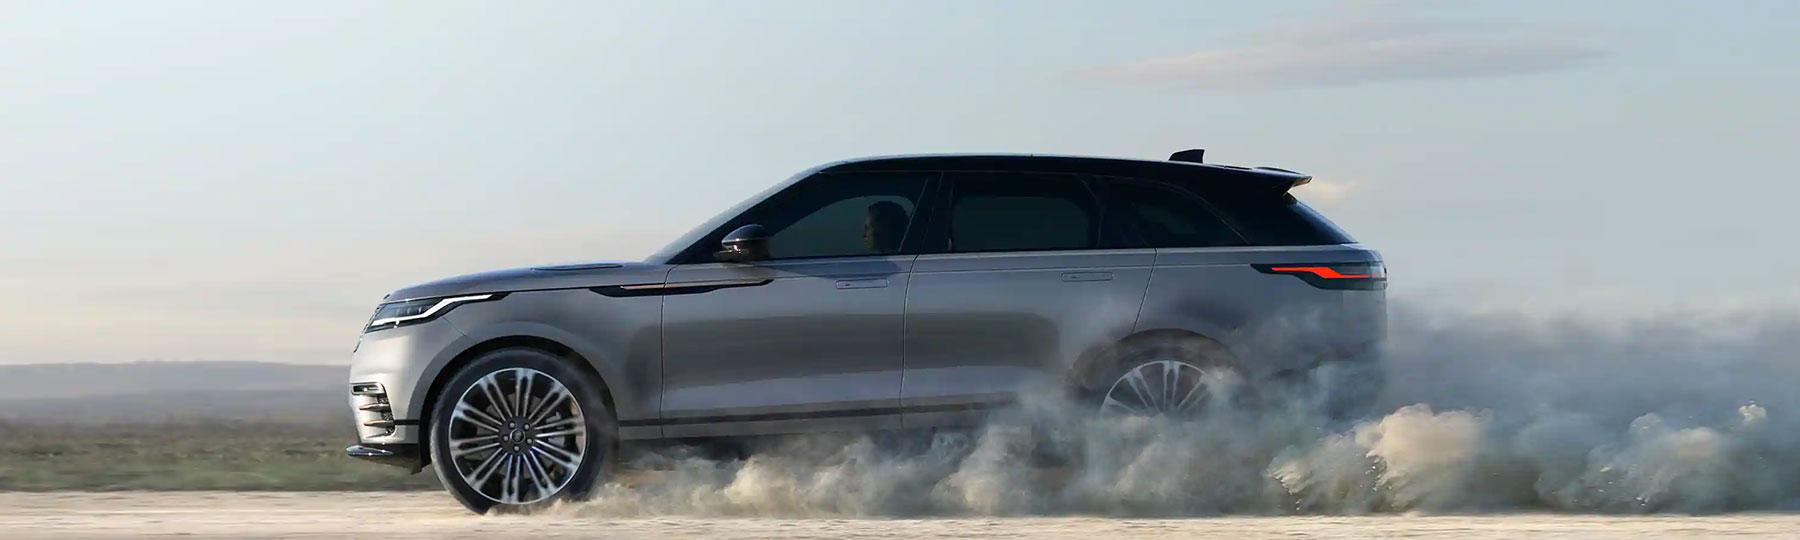 land rover Range Rover Velar Business Offer